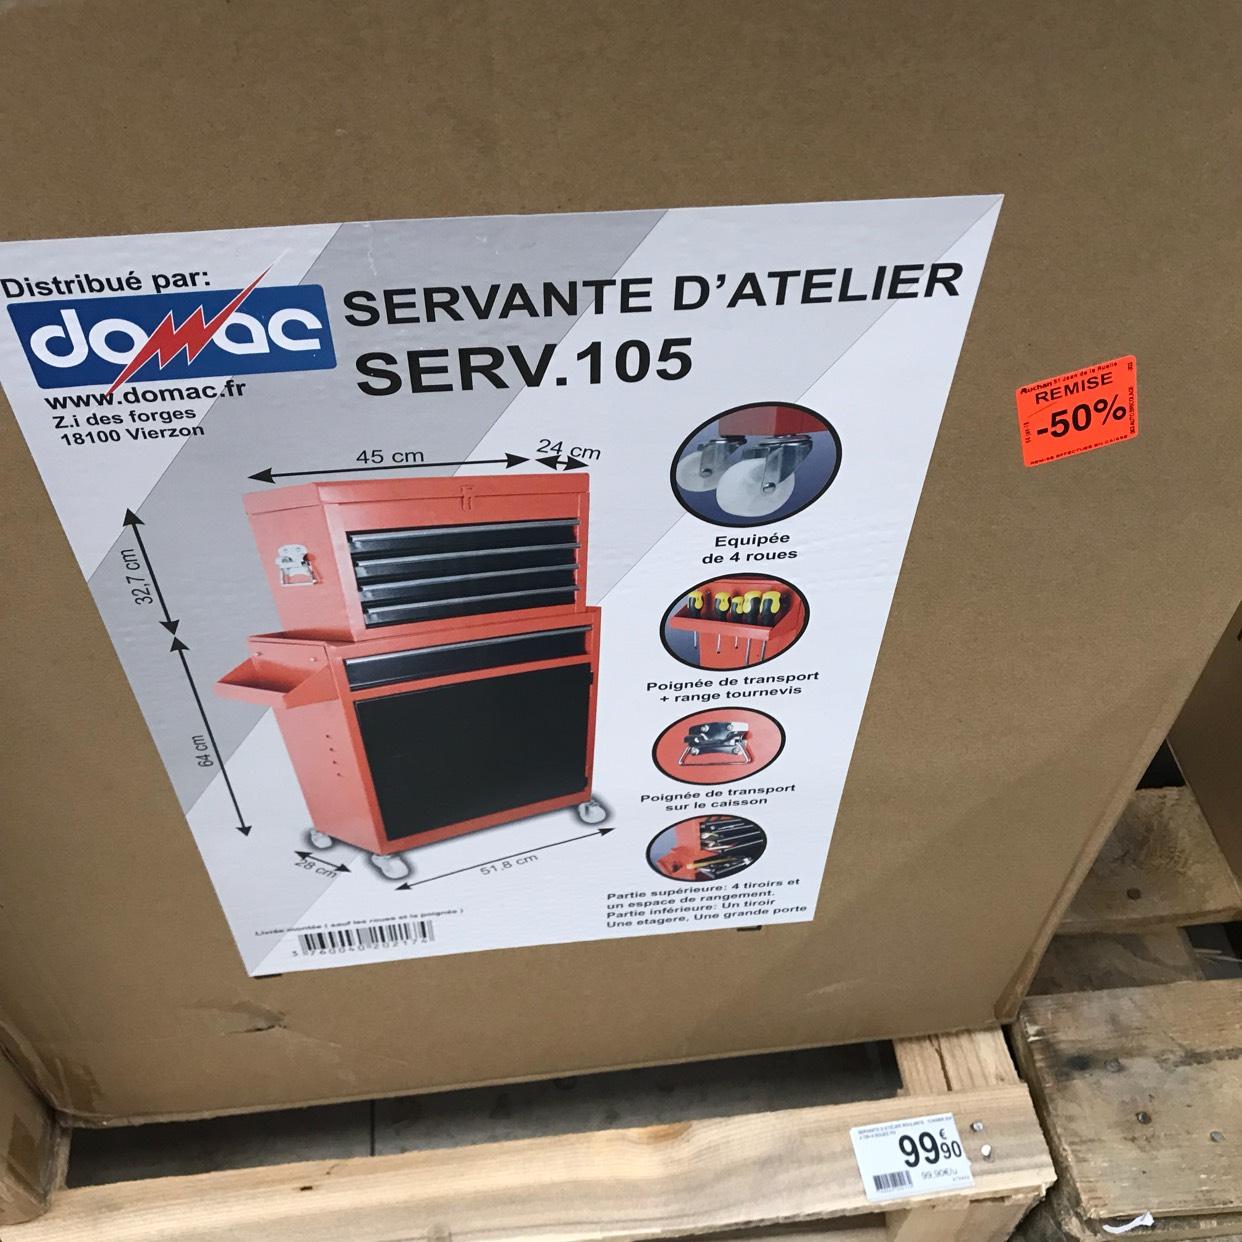 Servante d'atelier Damac - Saint-Jean-de-la-Ruelle (45)